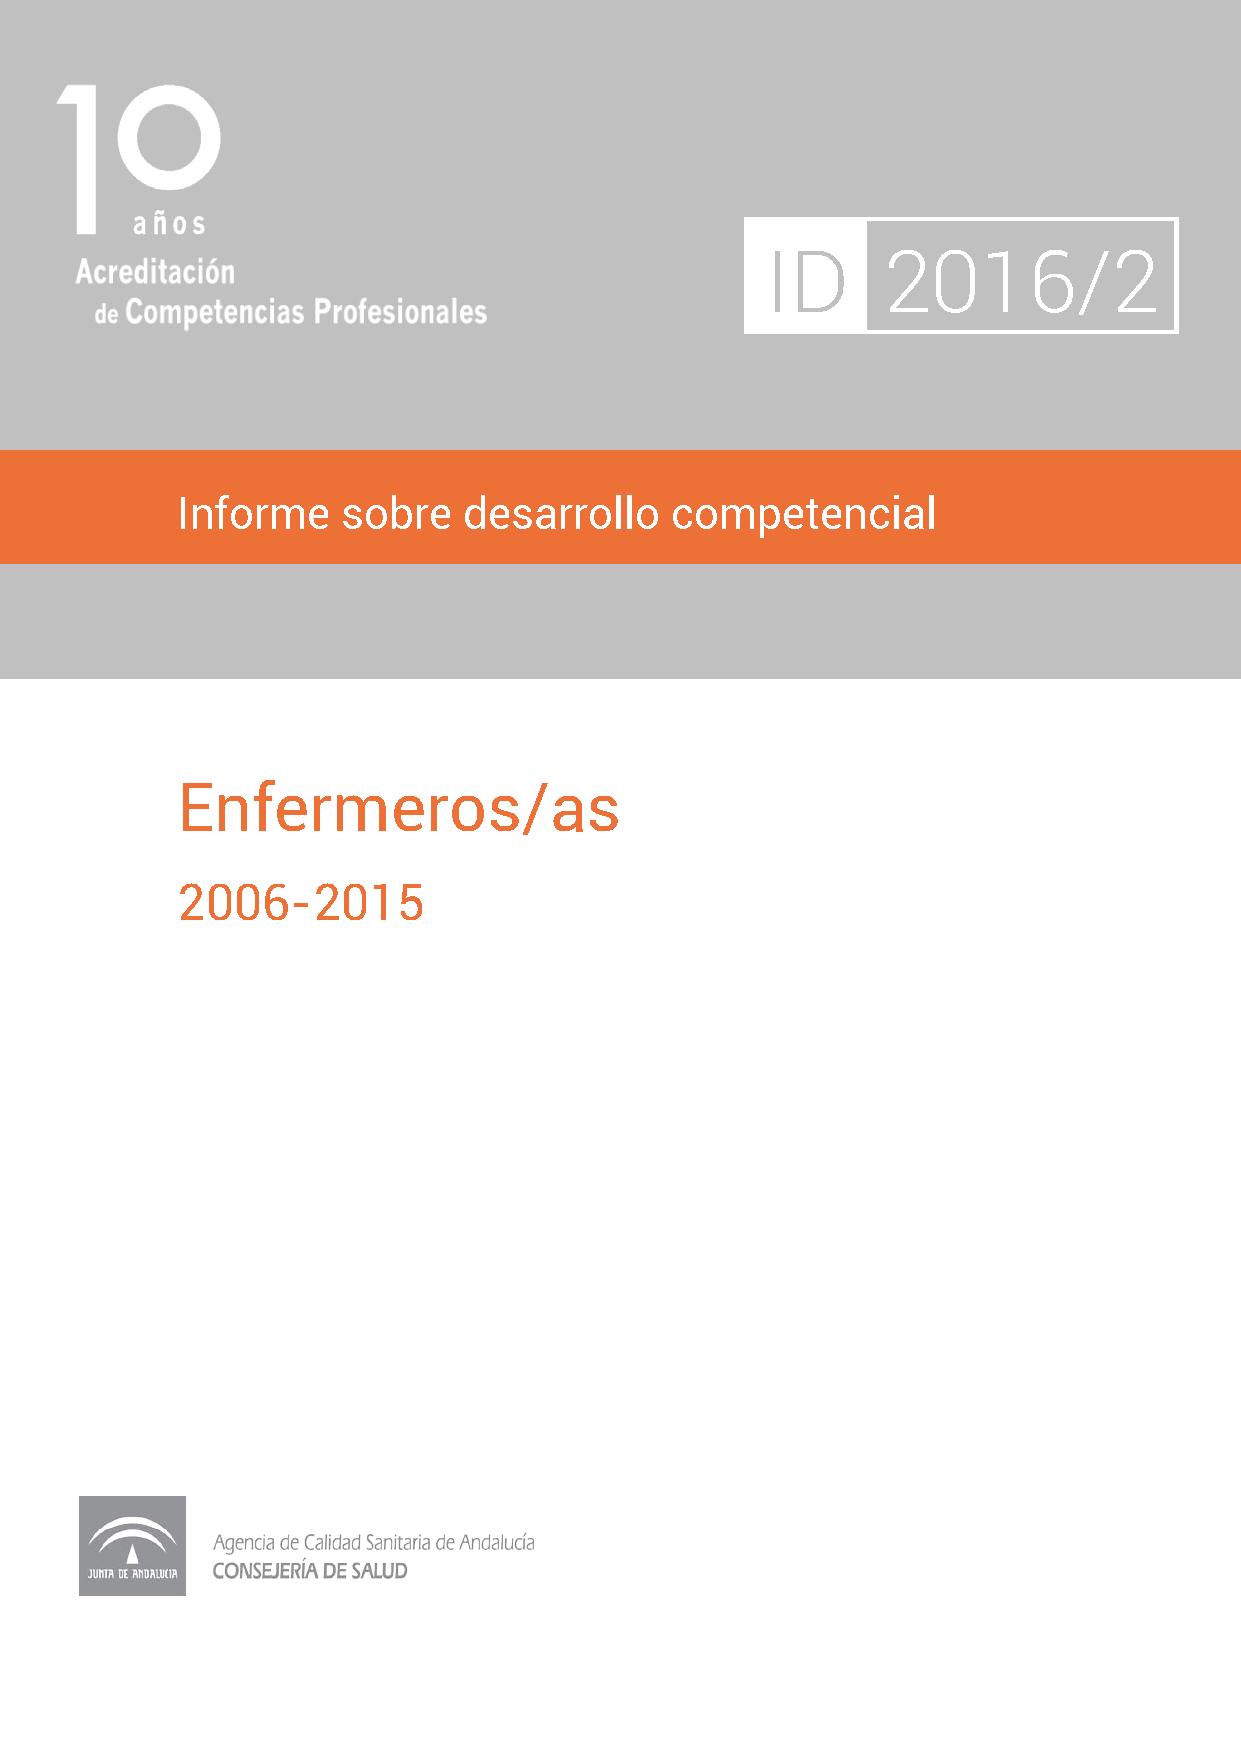 Informe sobre desarrollo competencial: Enfermeros/as